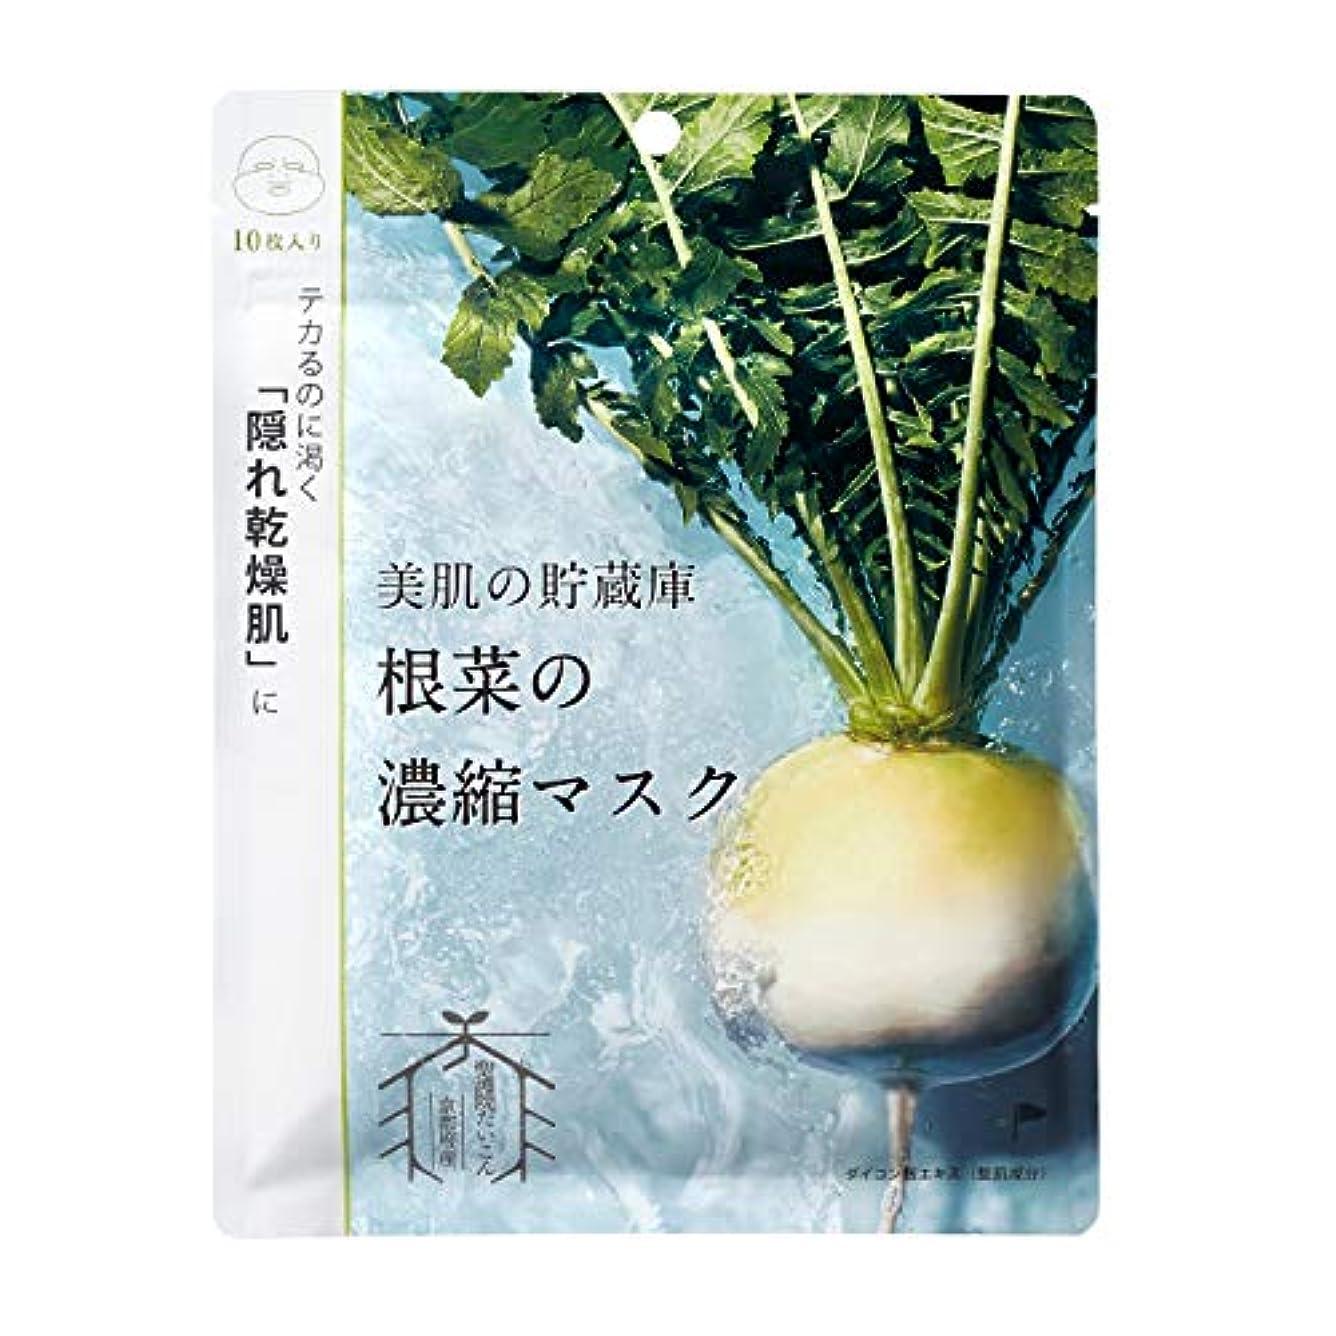 ロック印刷する信頼性@cosme nippon 美肌の貯蔵庫 根菜の濃縮マスク 聖護院だいこん 10枚入 148ml